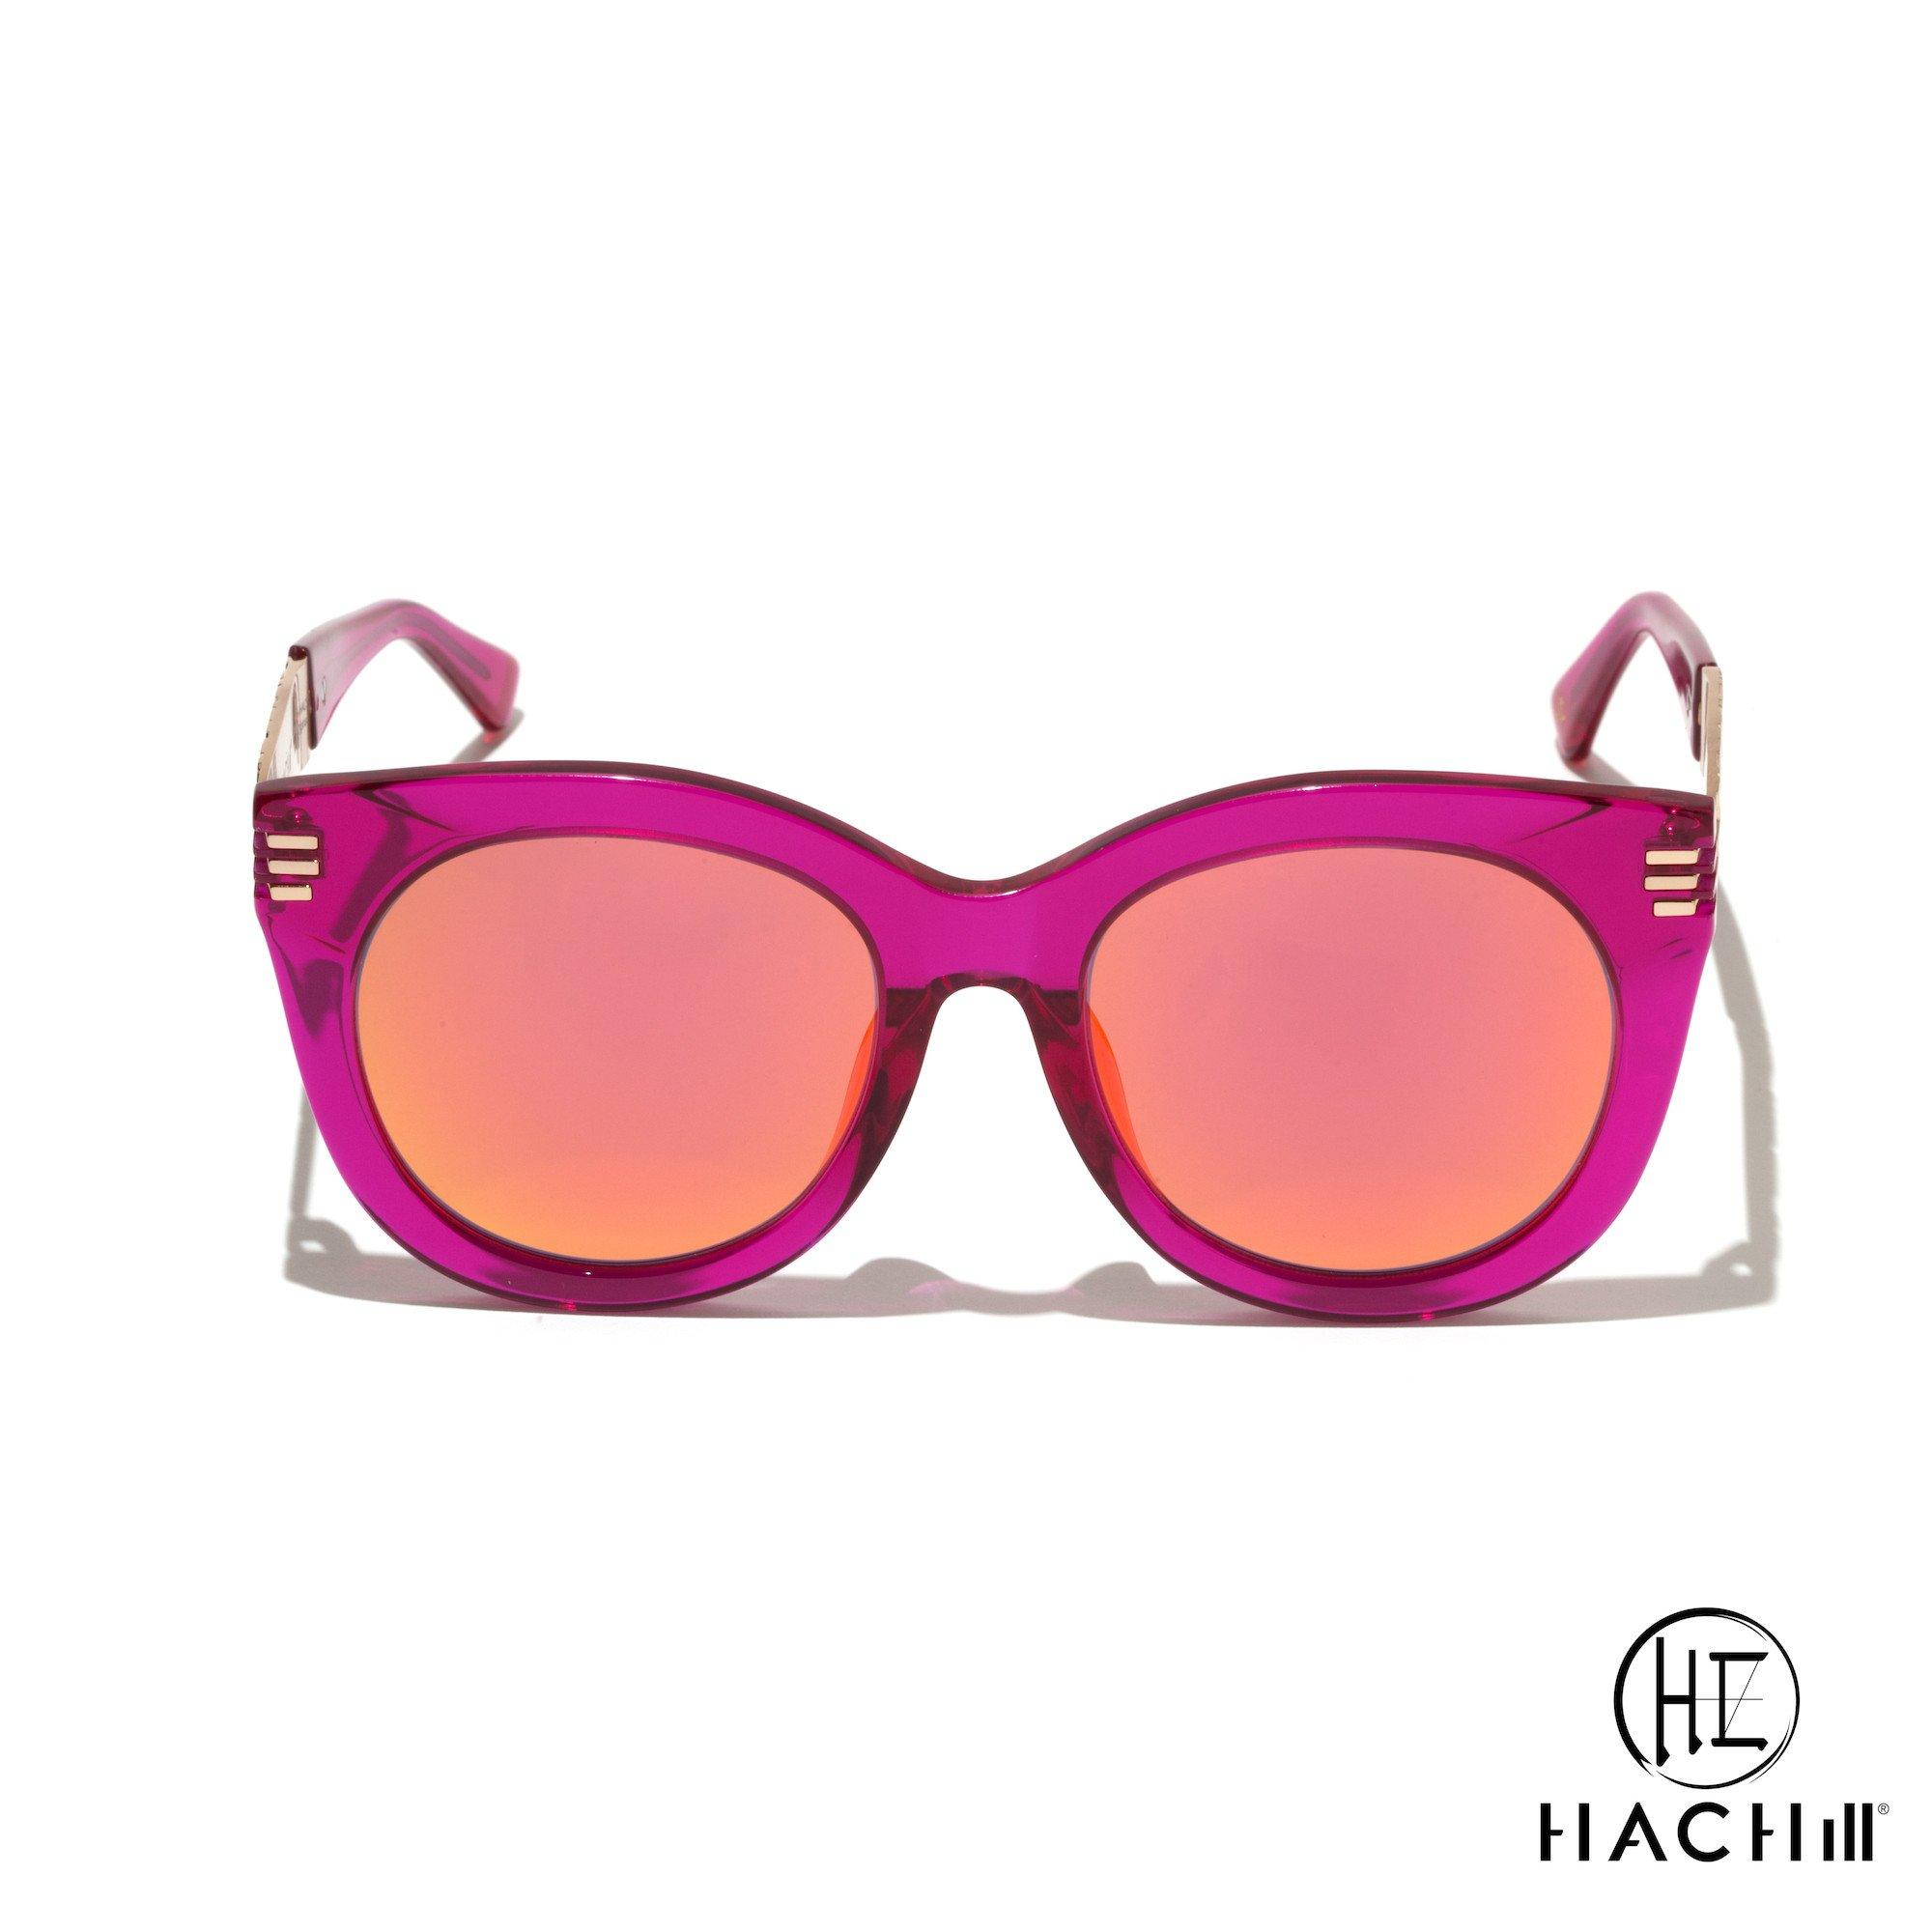 Hachill 太阳眼镜 HC4-2015-B-C3 红色